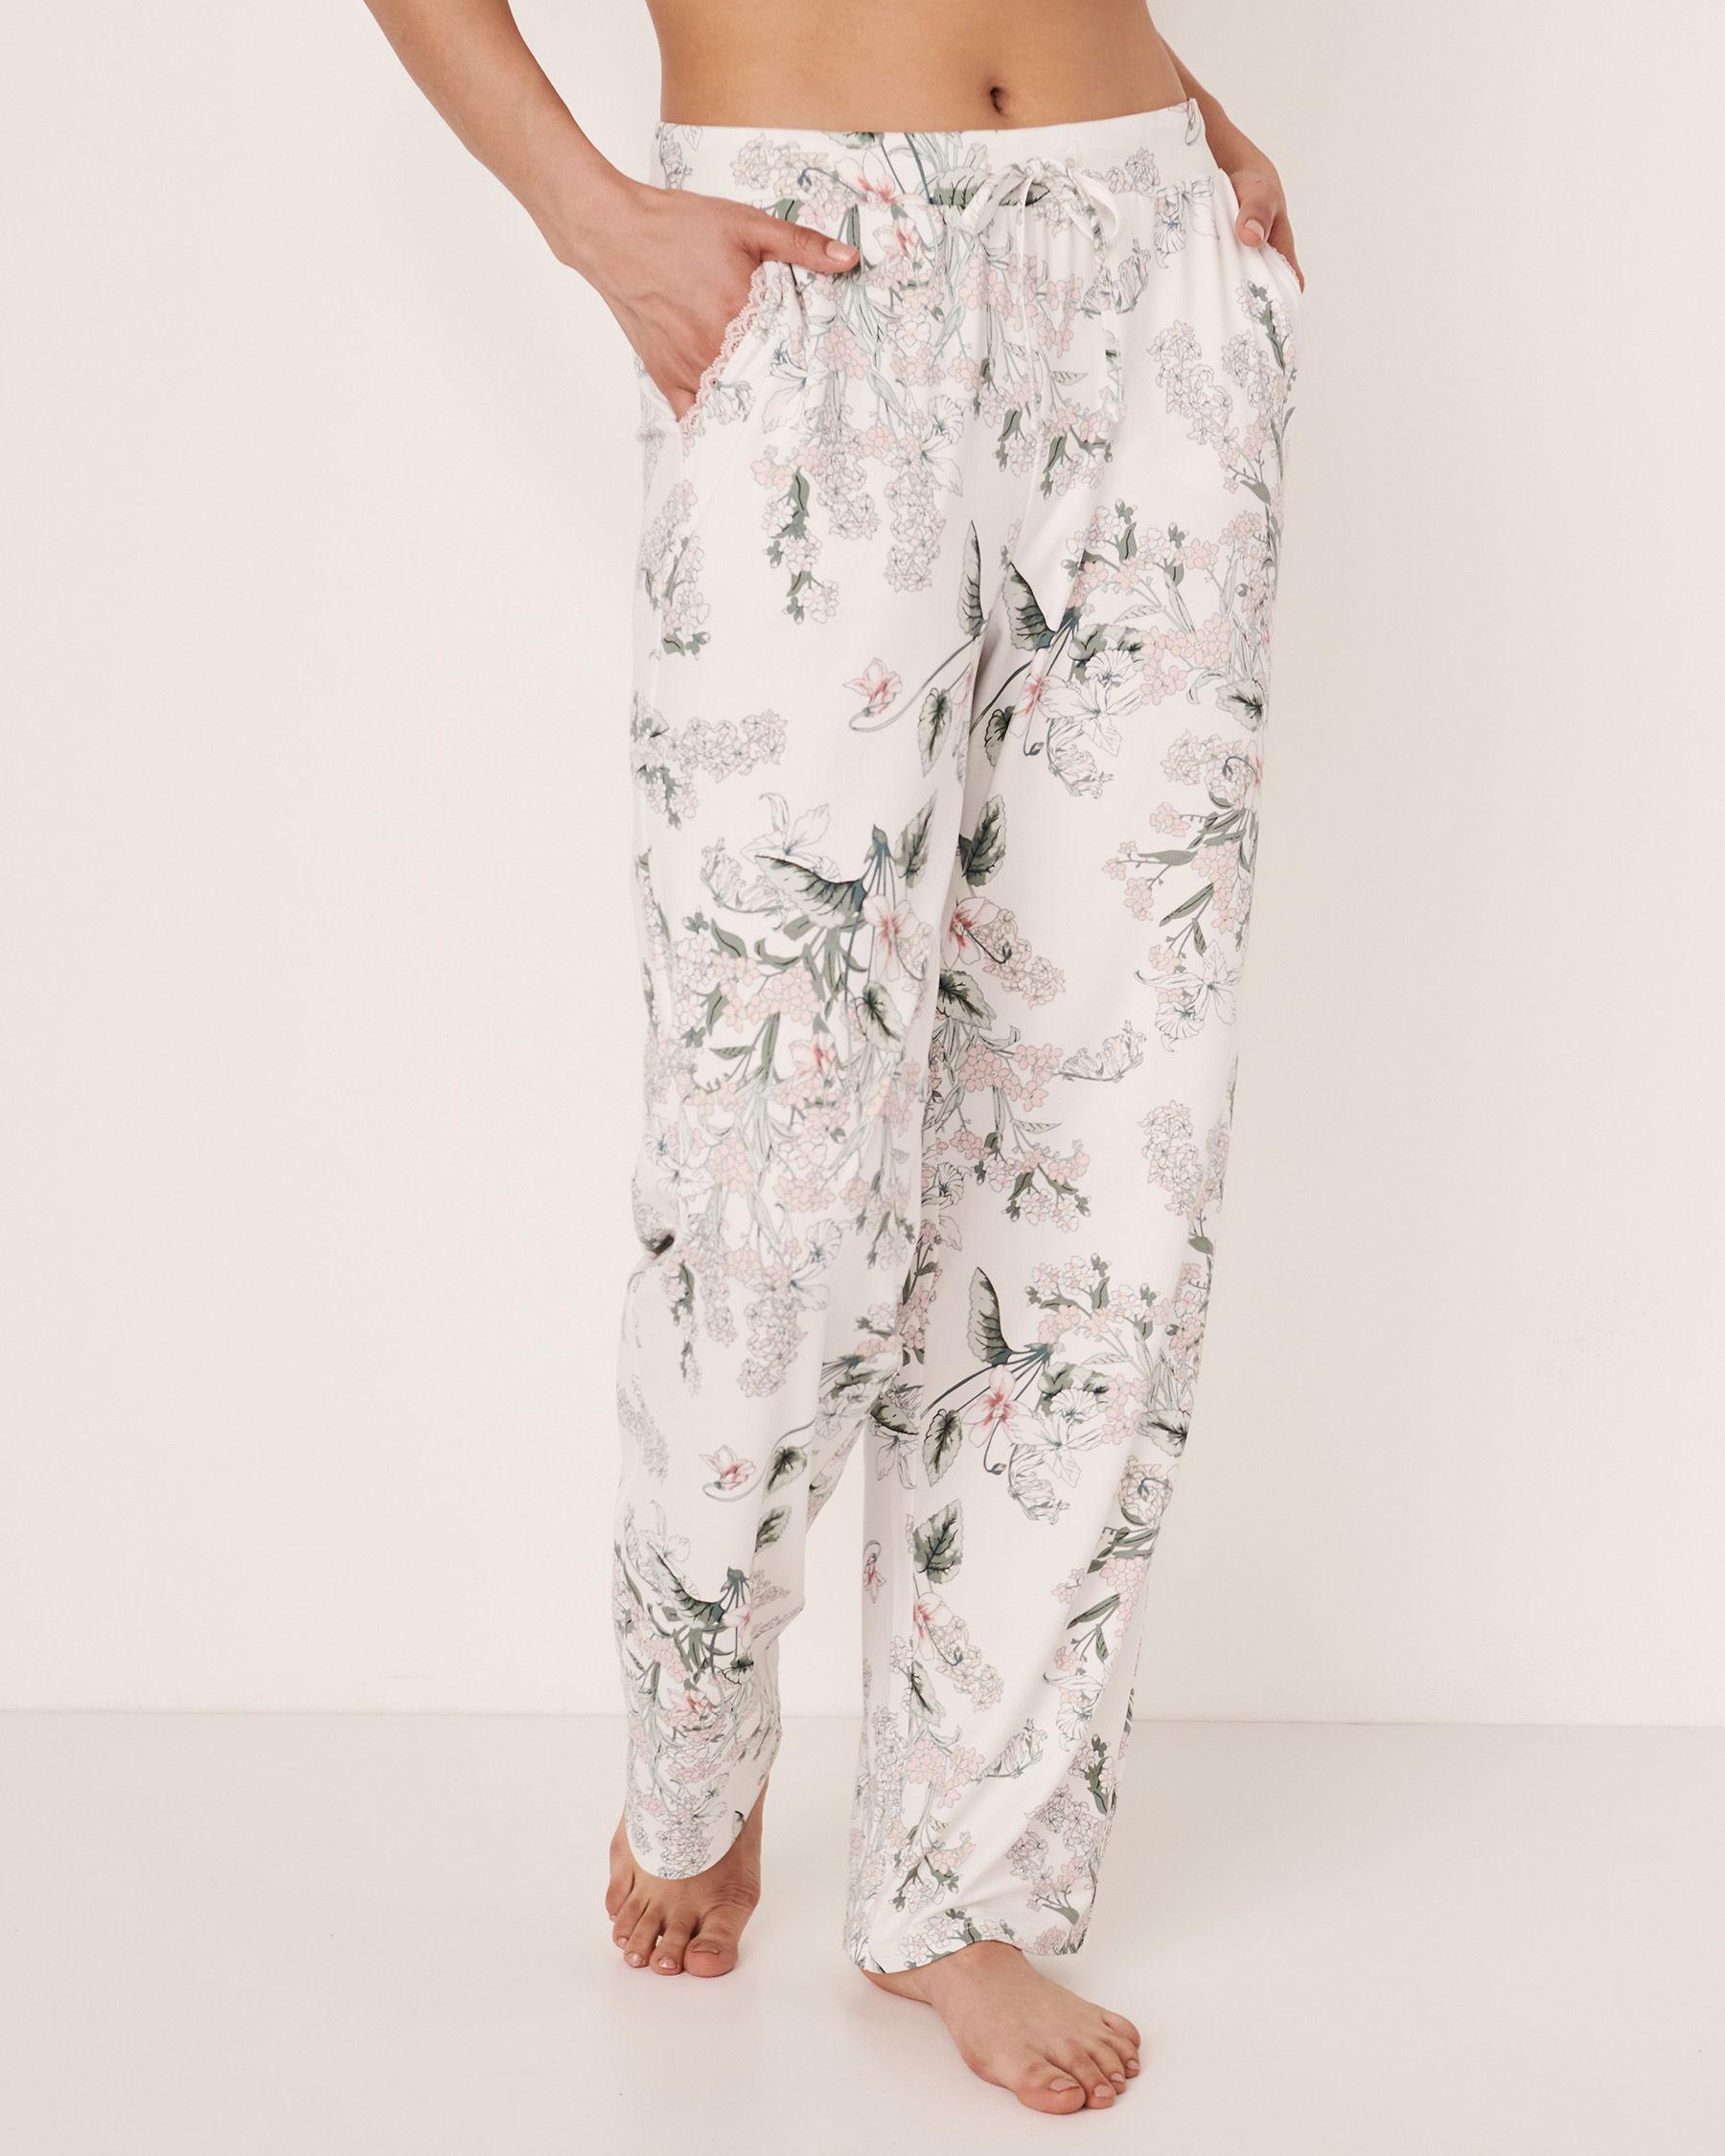 LA VIE EN ROSE Wide Leg Pant Flower bouquet 40200073 - View3